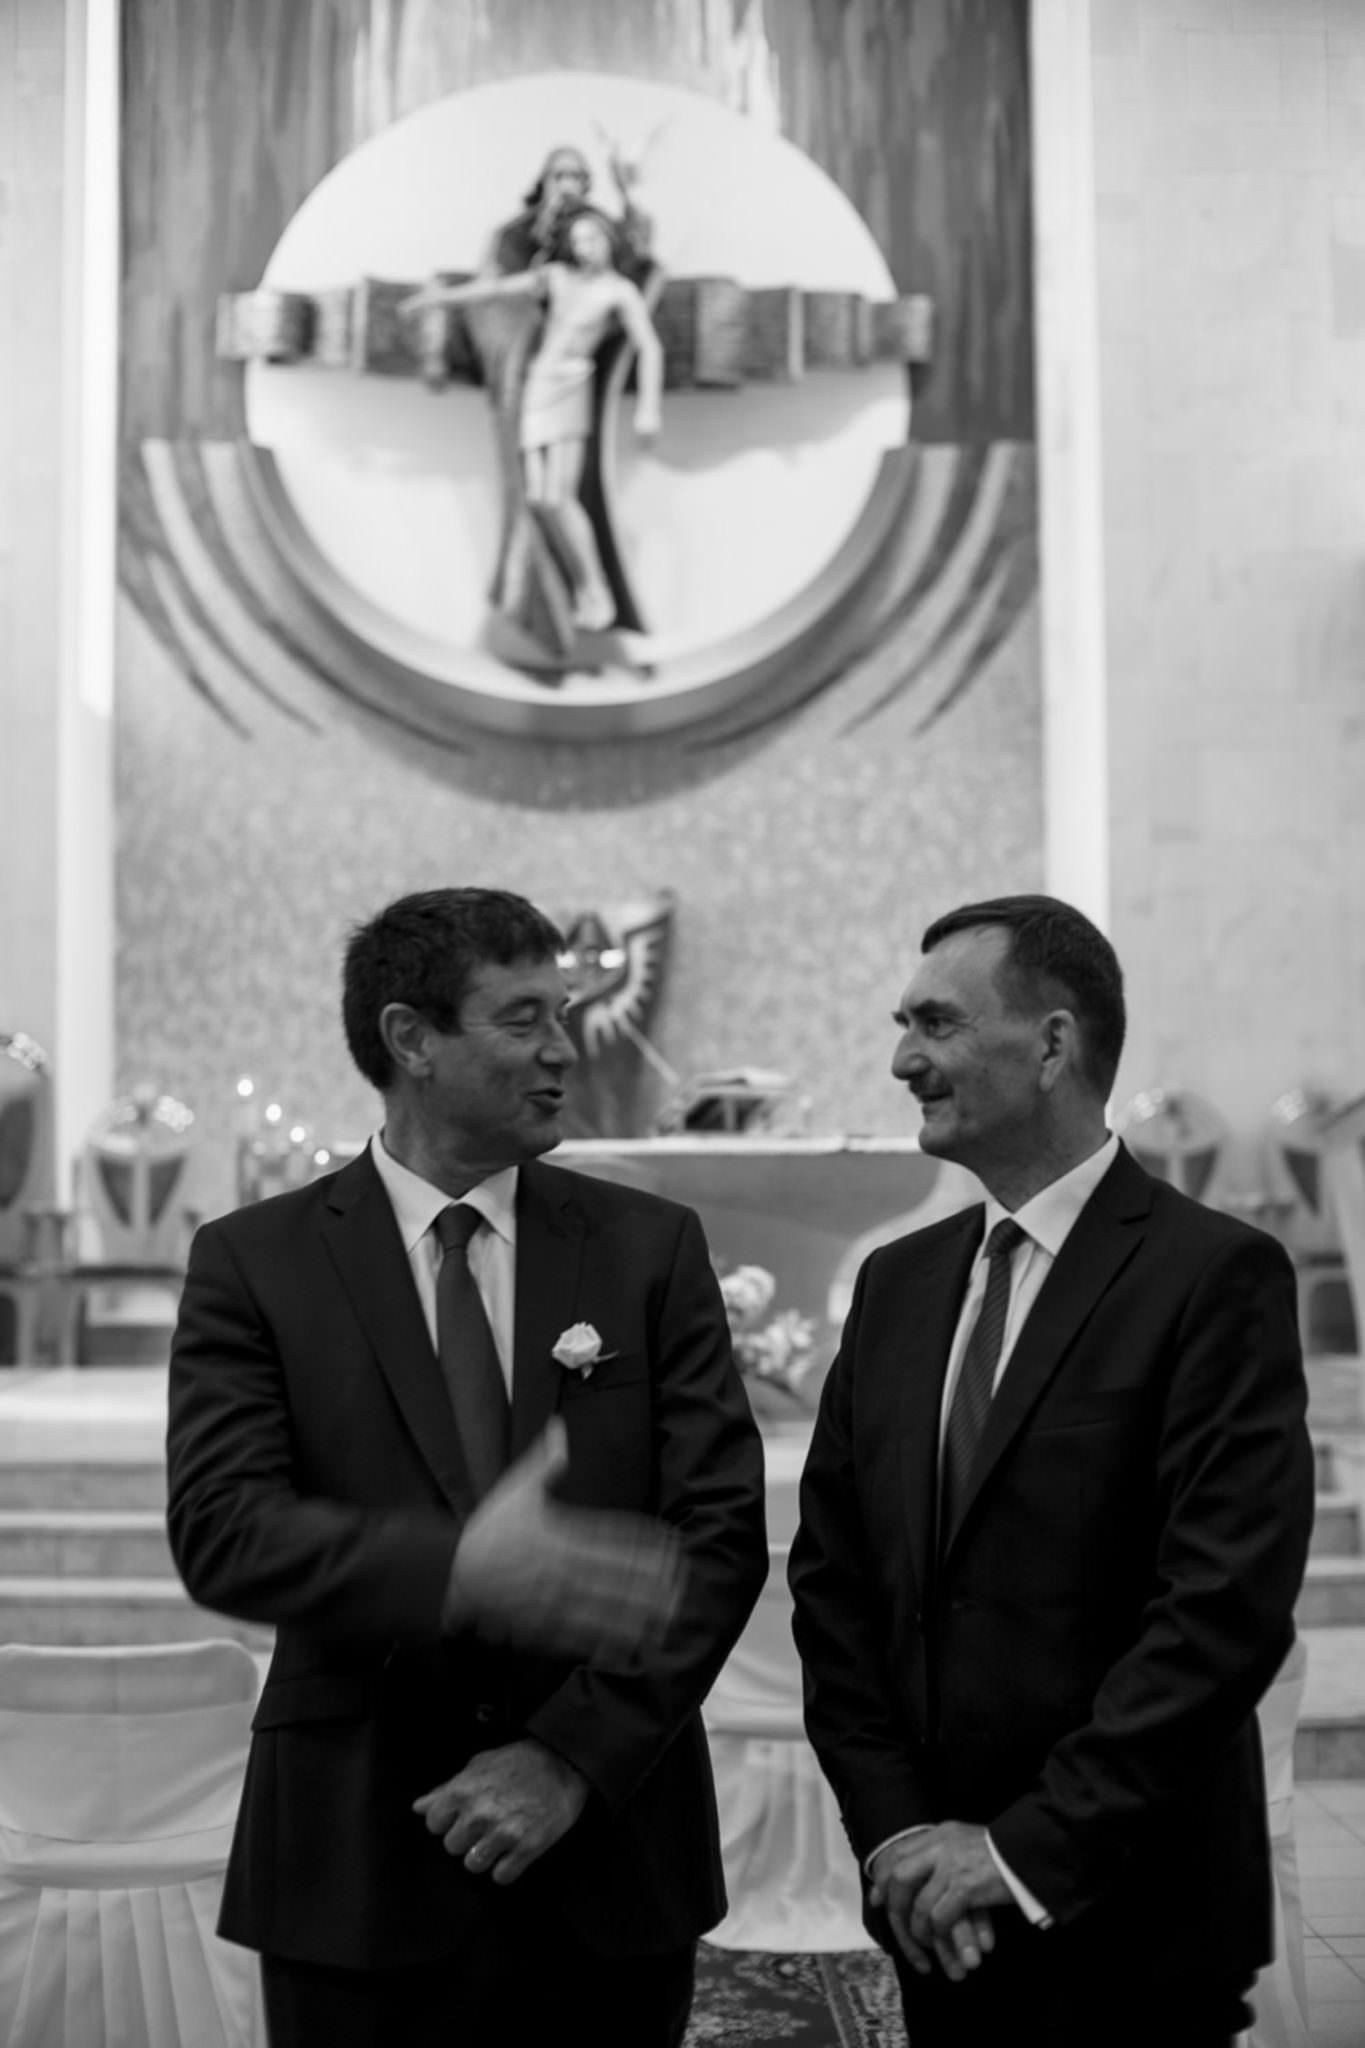 fotografie wesele browar obywatelski tychy 15 - Wesele w Browarze obywatelskim - OLA & IVO